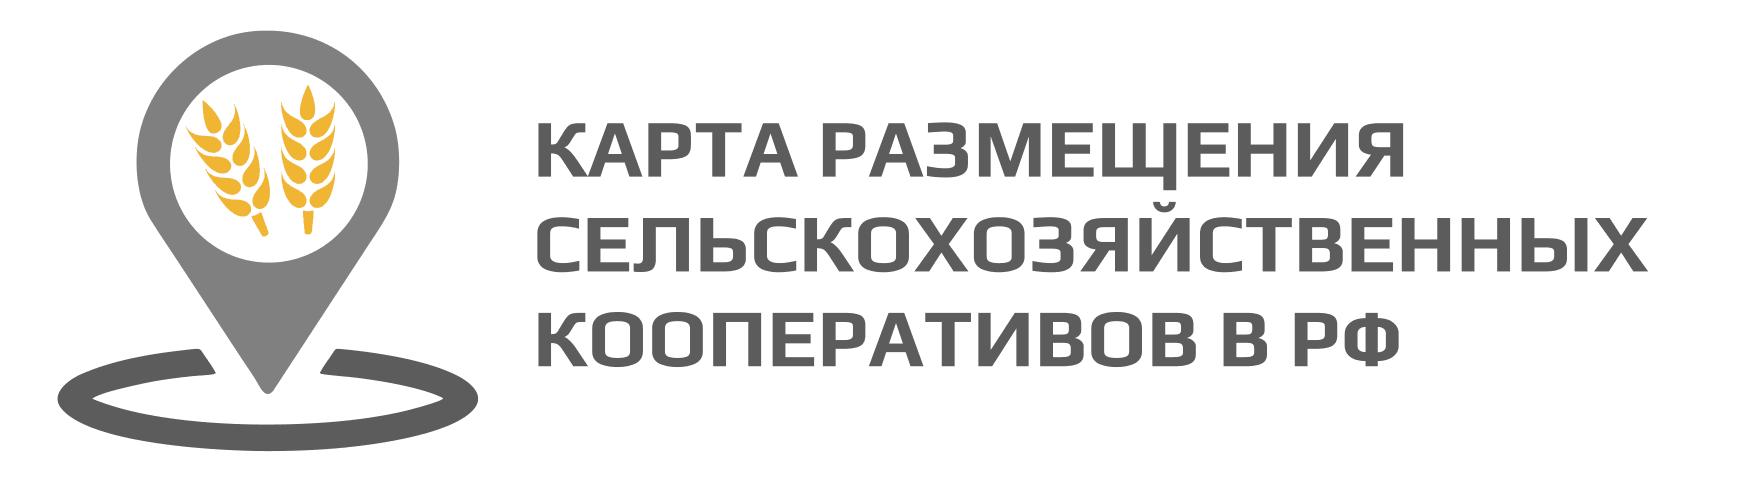 Карта размещения сельскохозяйственных кооперативов в РФ